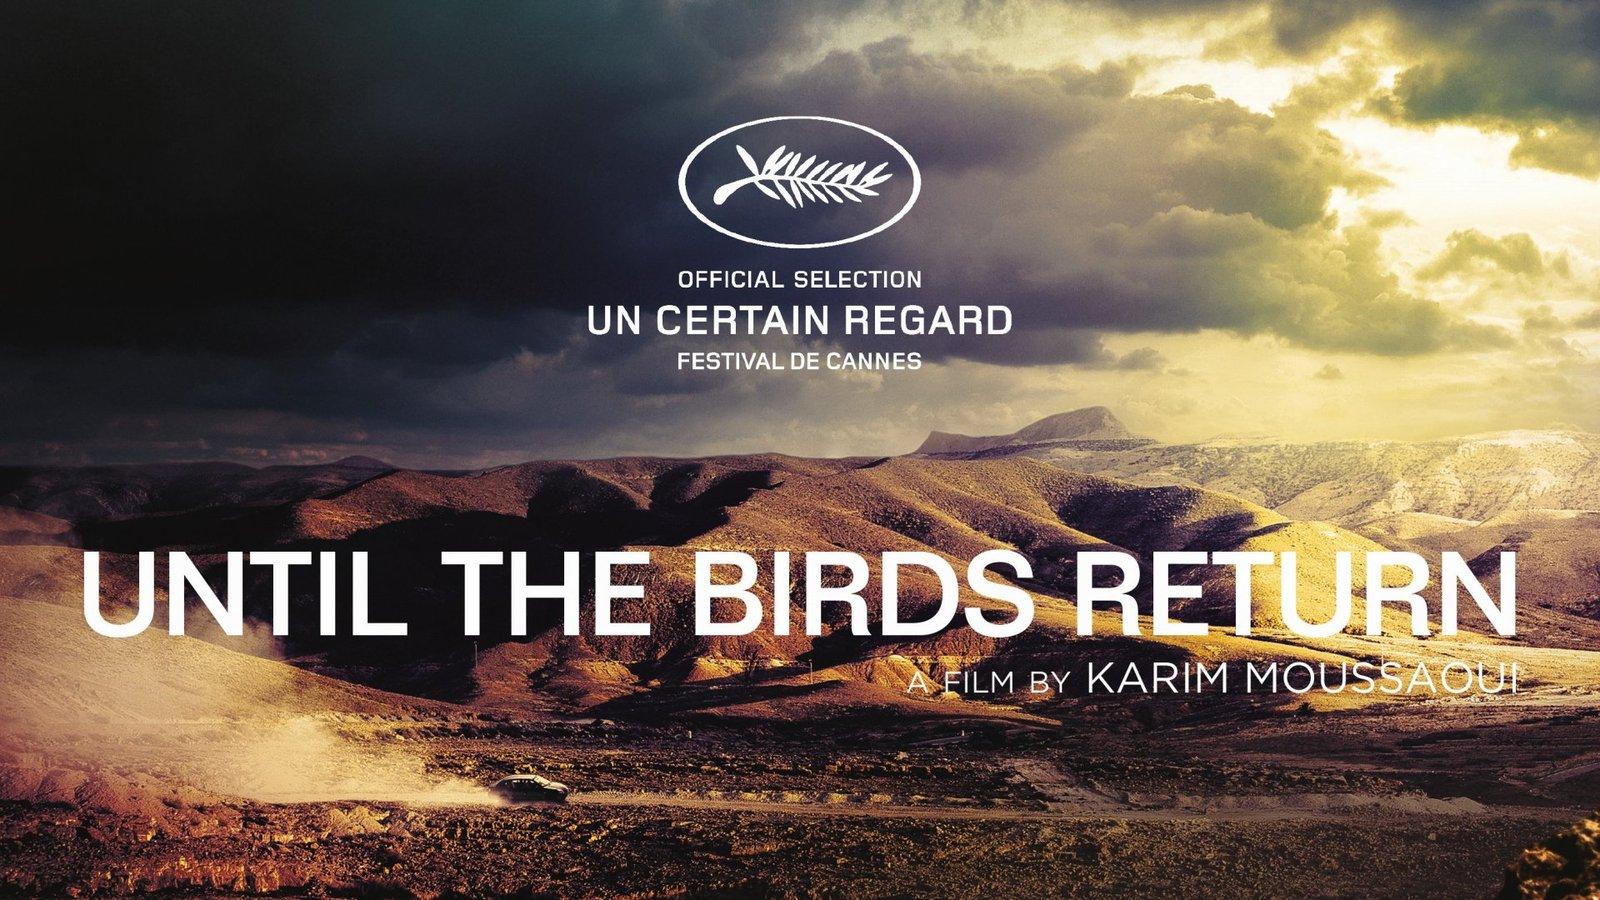 Until the Birds Return - En attendant les hirondelles